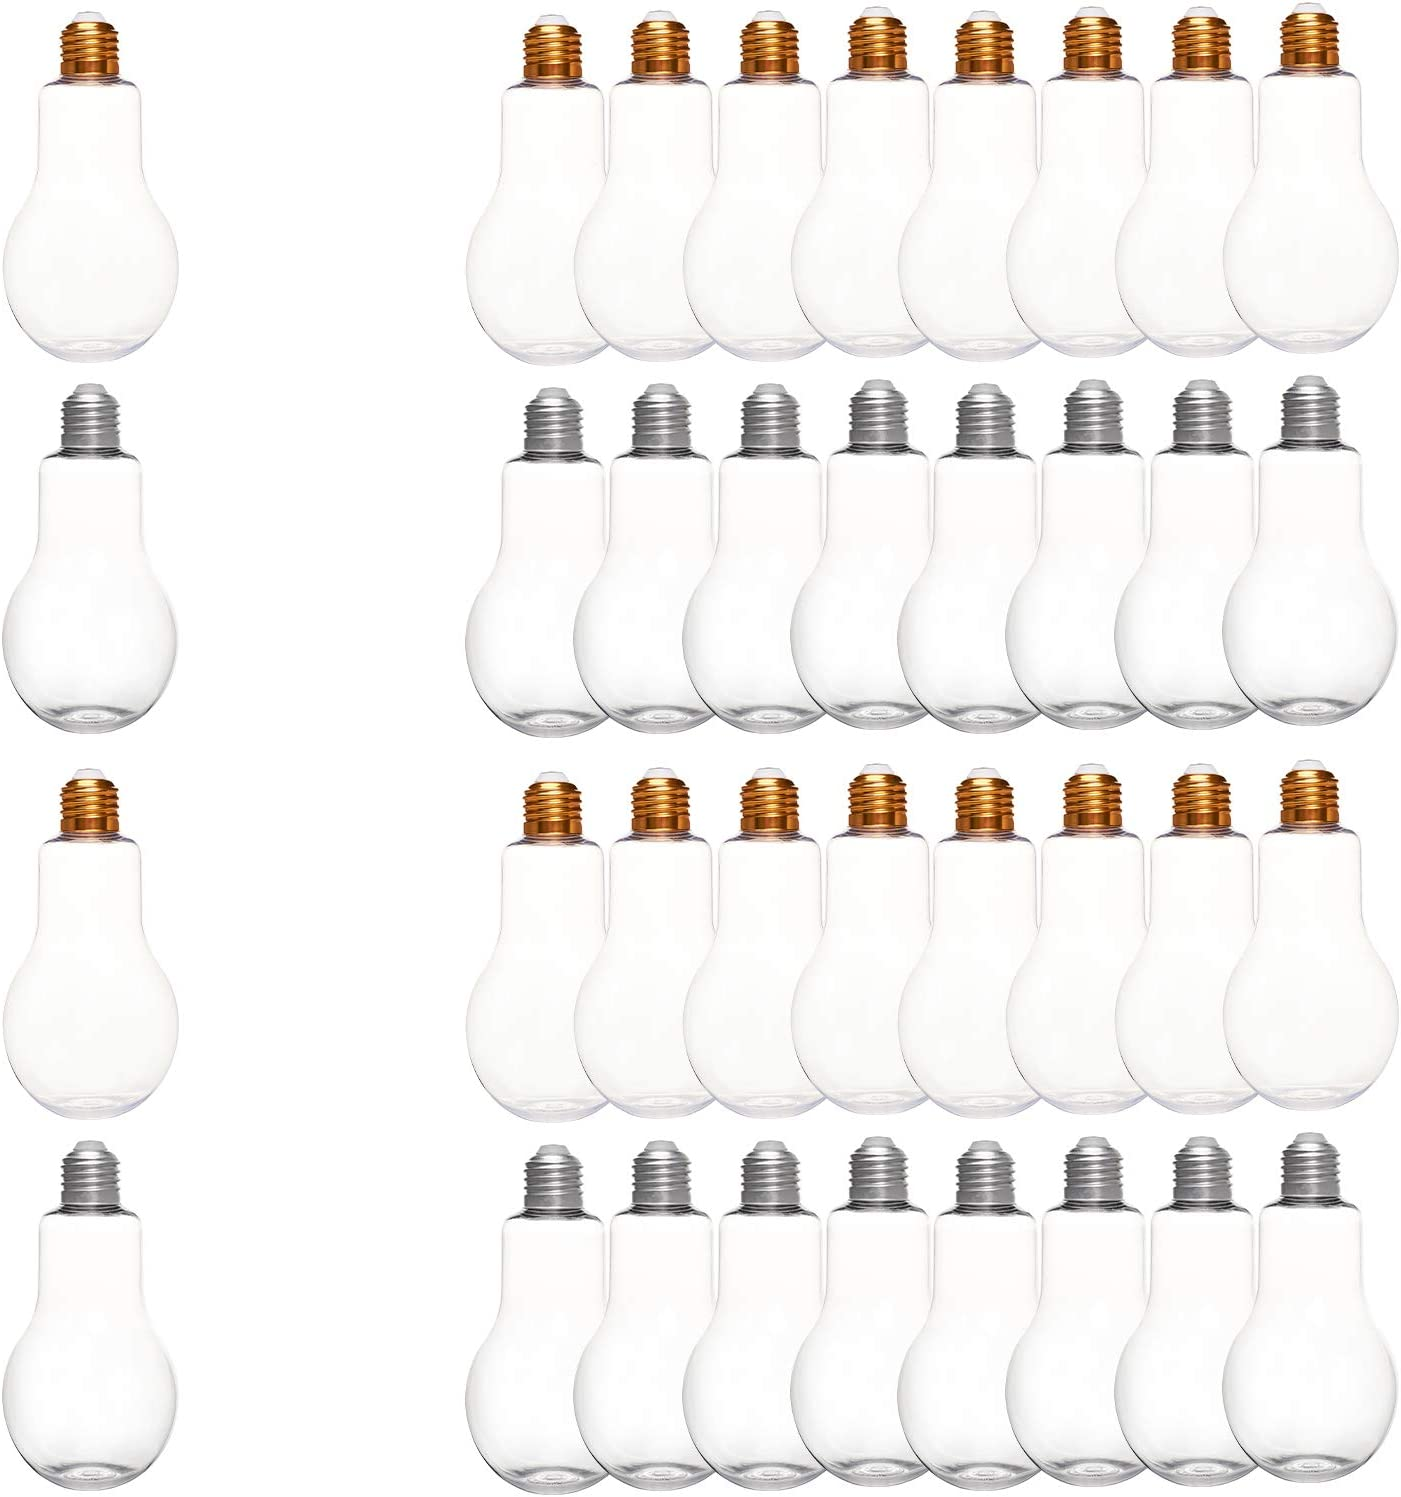 NBEADS 12 paquetes de frascos de plástico, frascos con tapas, botella de plástico con forma de bombilla, para decoración de fiestas y almacenamiento de adornos, 300 ml